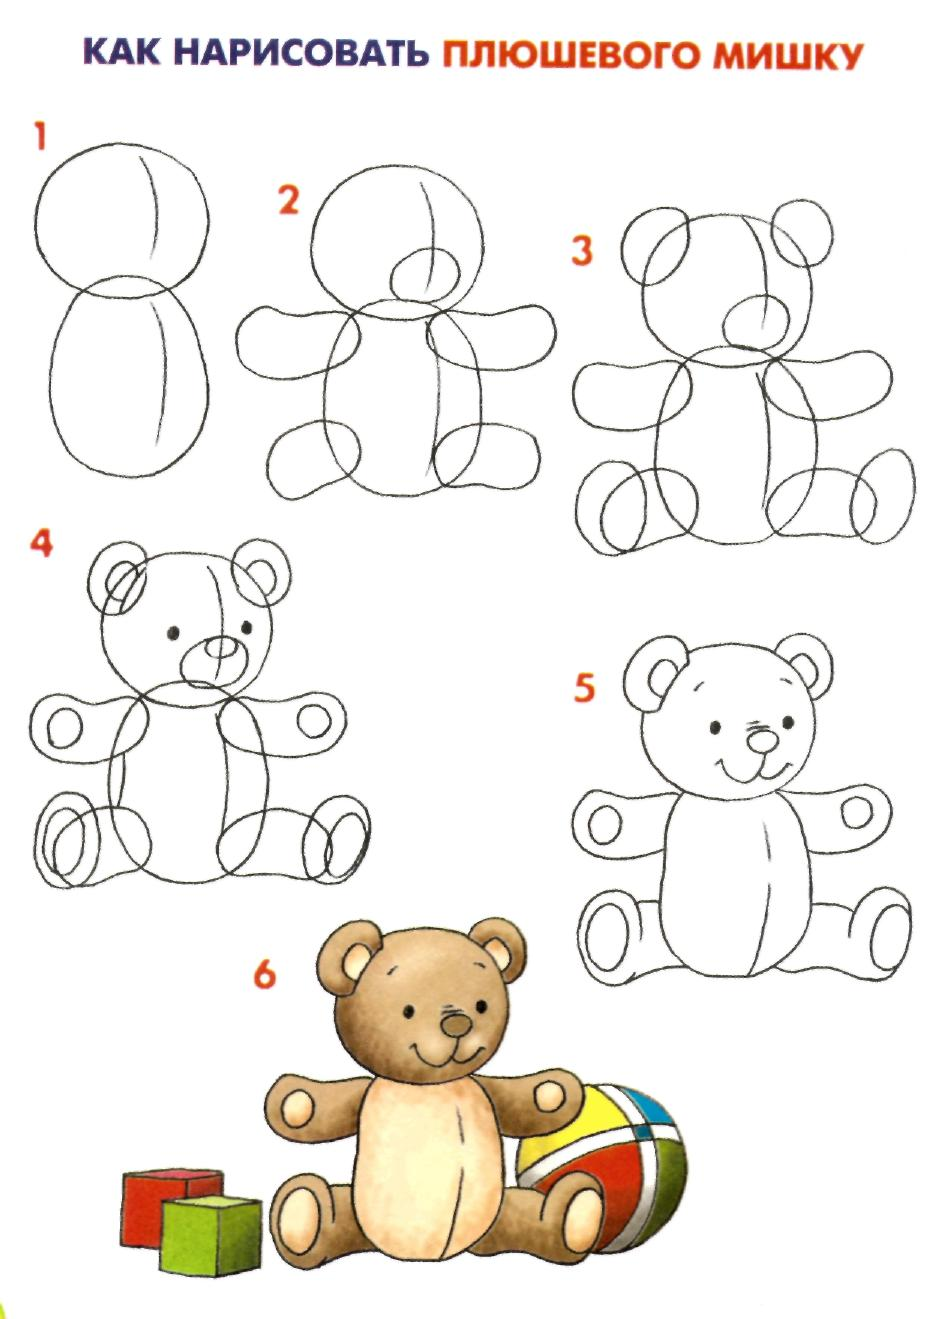 Животные рисунок карандашом поэтапно для детей 8